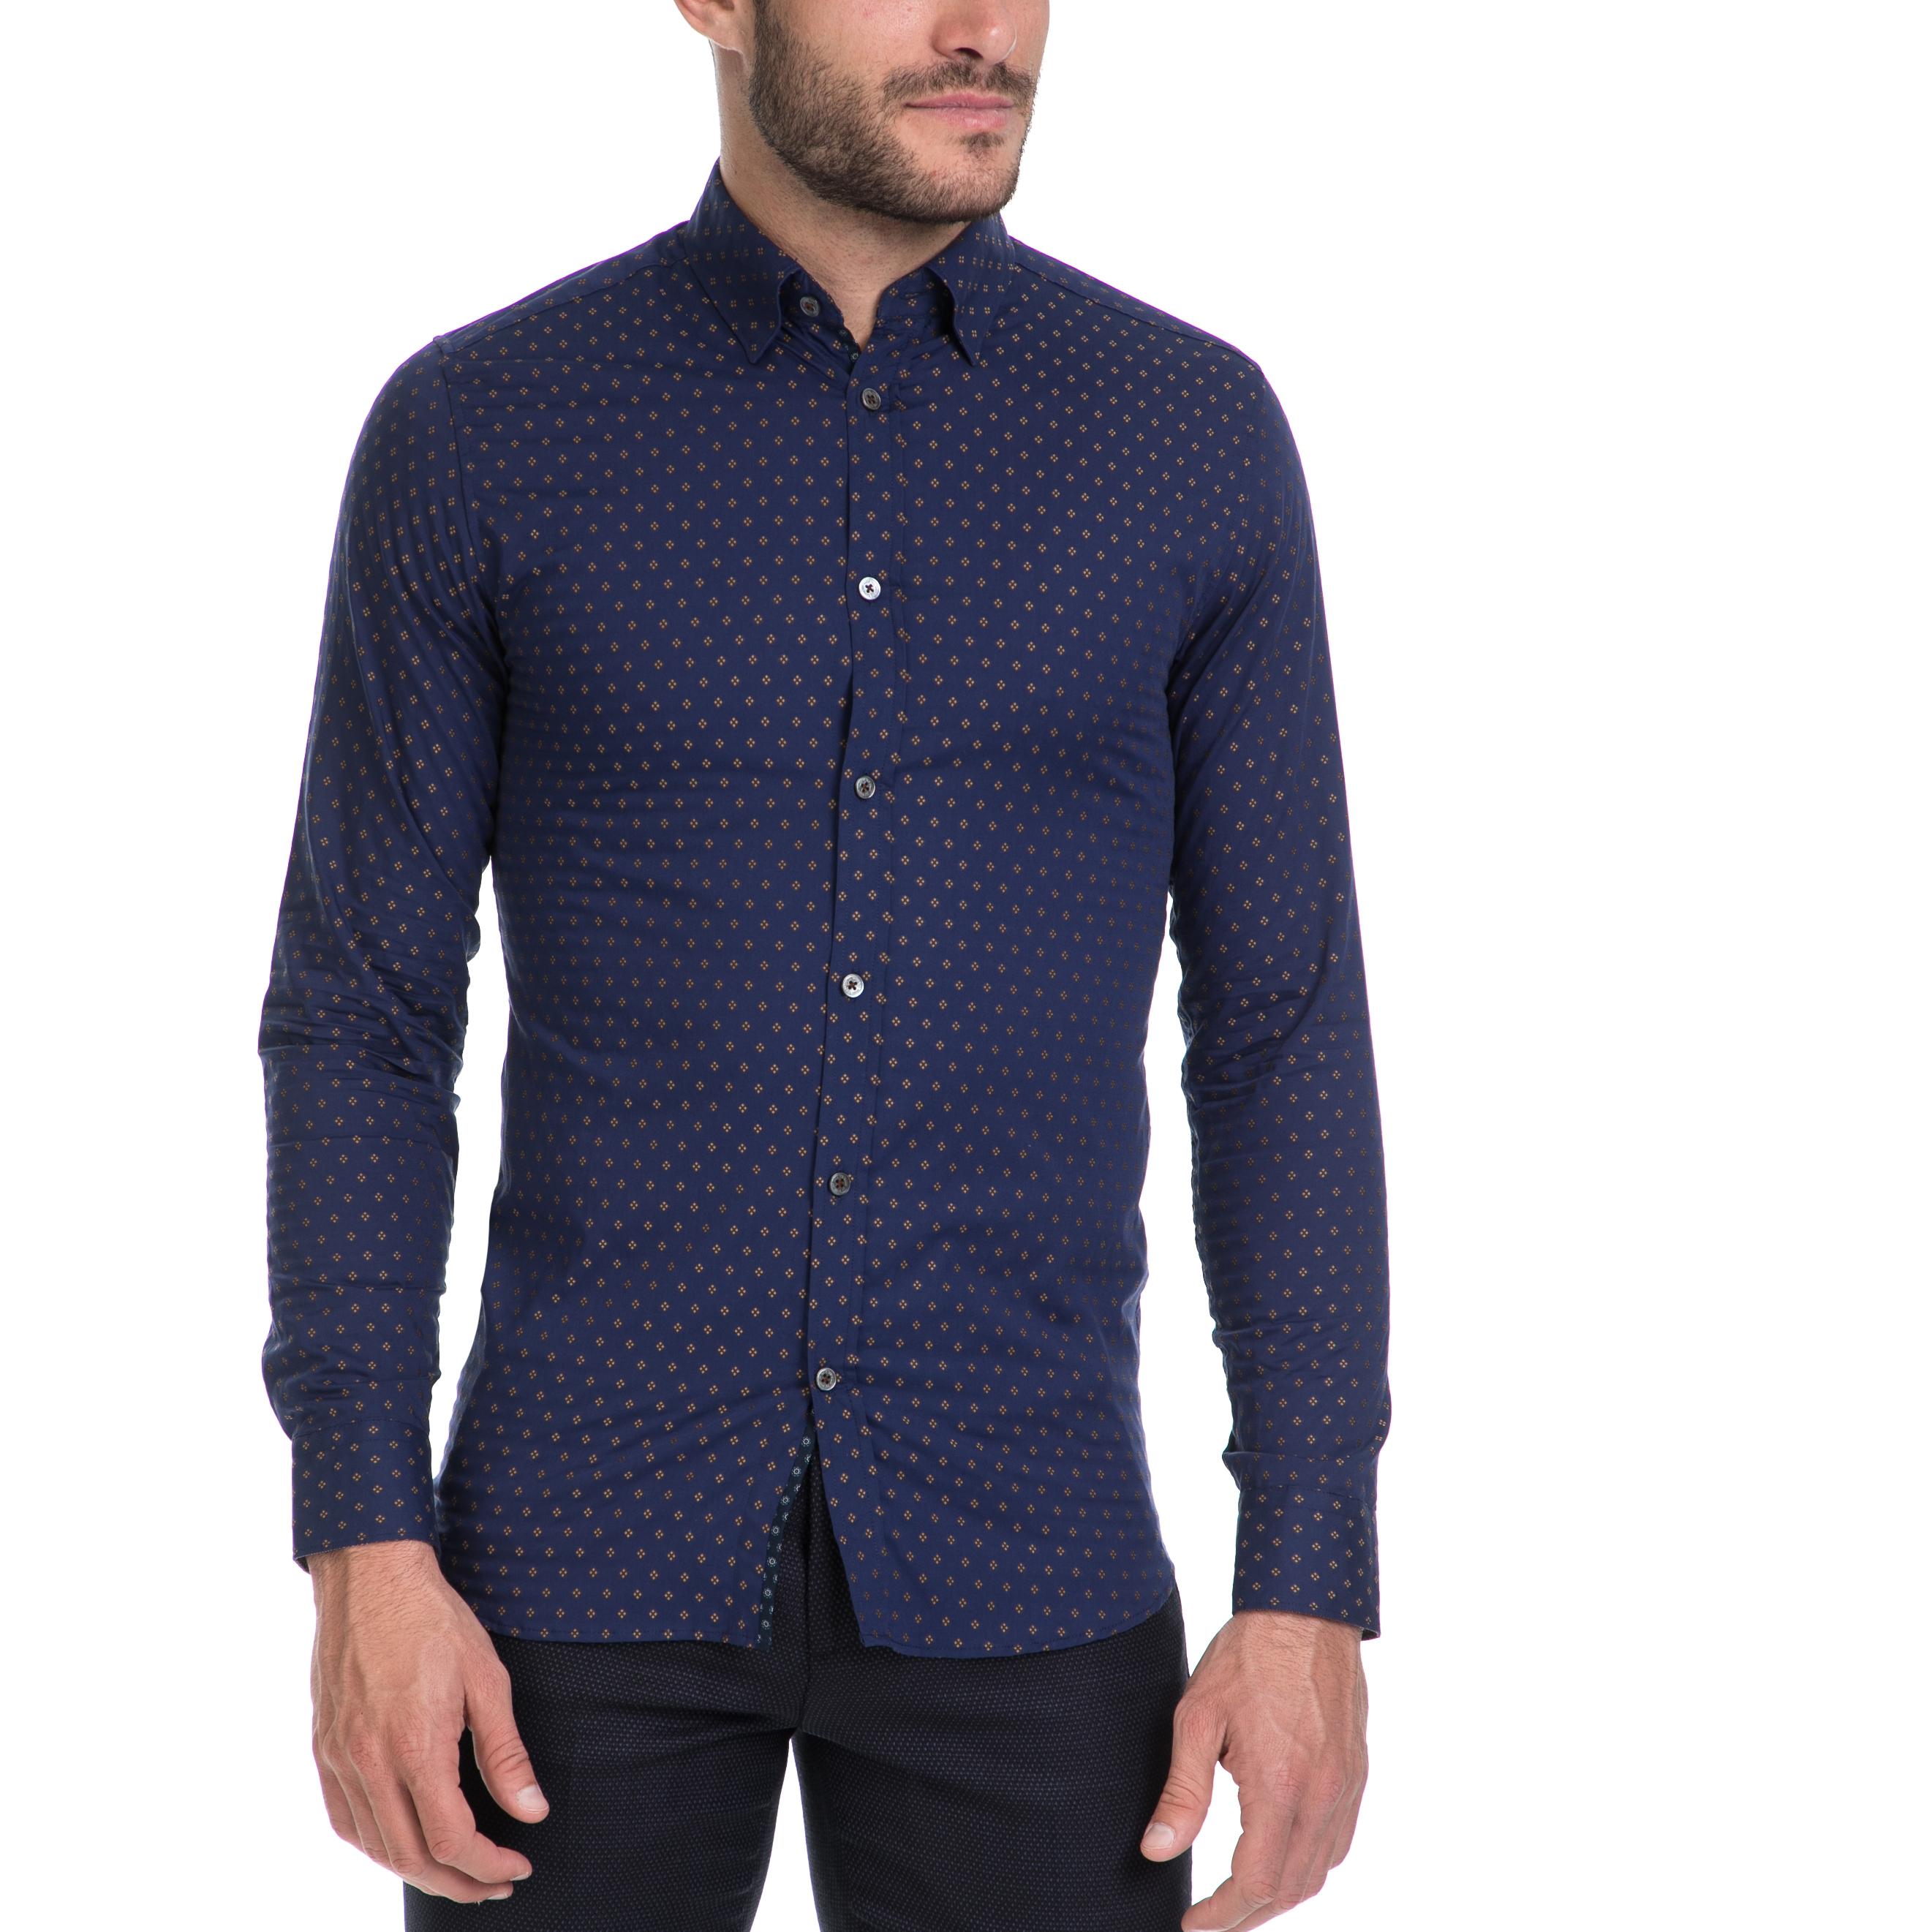 TED BAKER - Ανδρικό πουκάμισο FILLIPS TED BAKER μπλε ανδρικά ρούχα πουκάμισα μακρυμάνικα